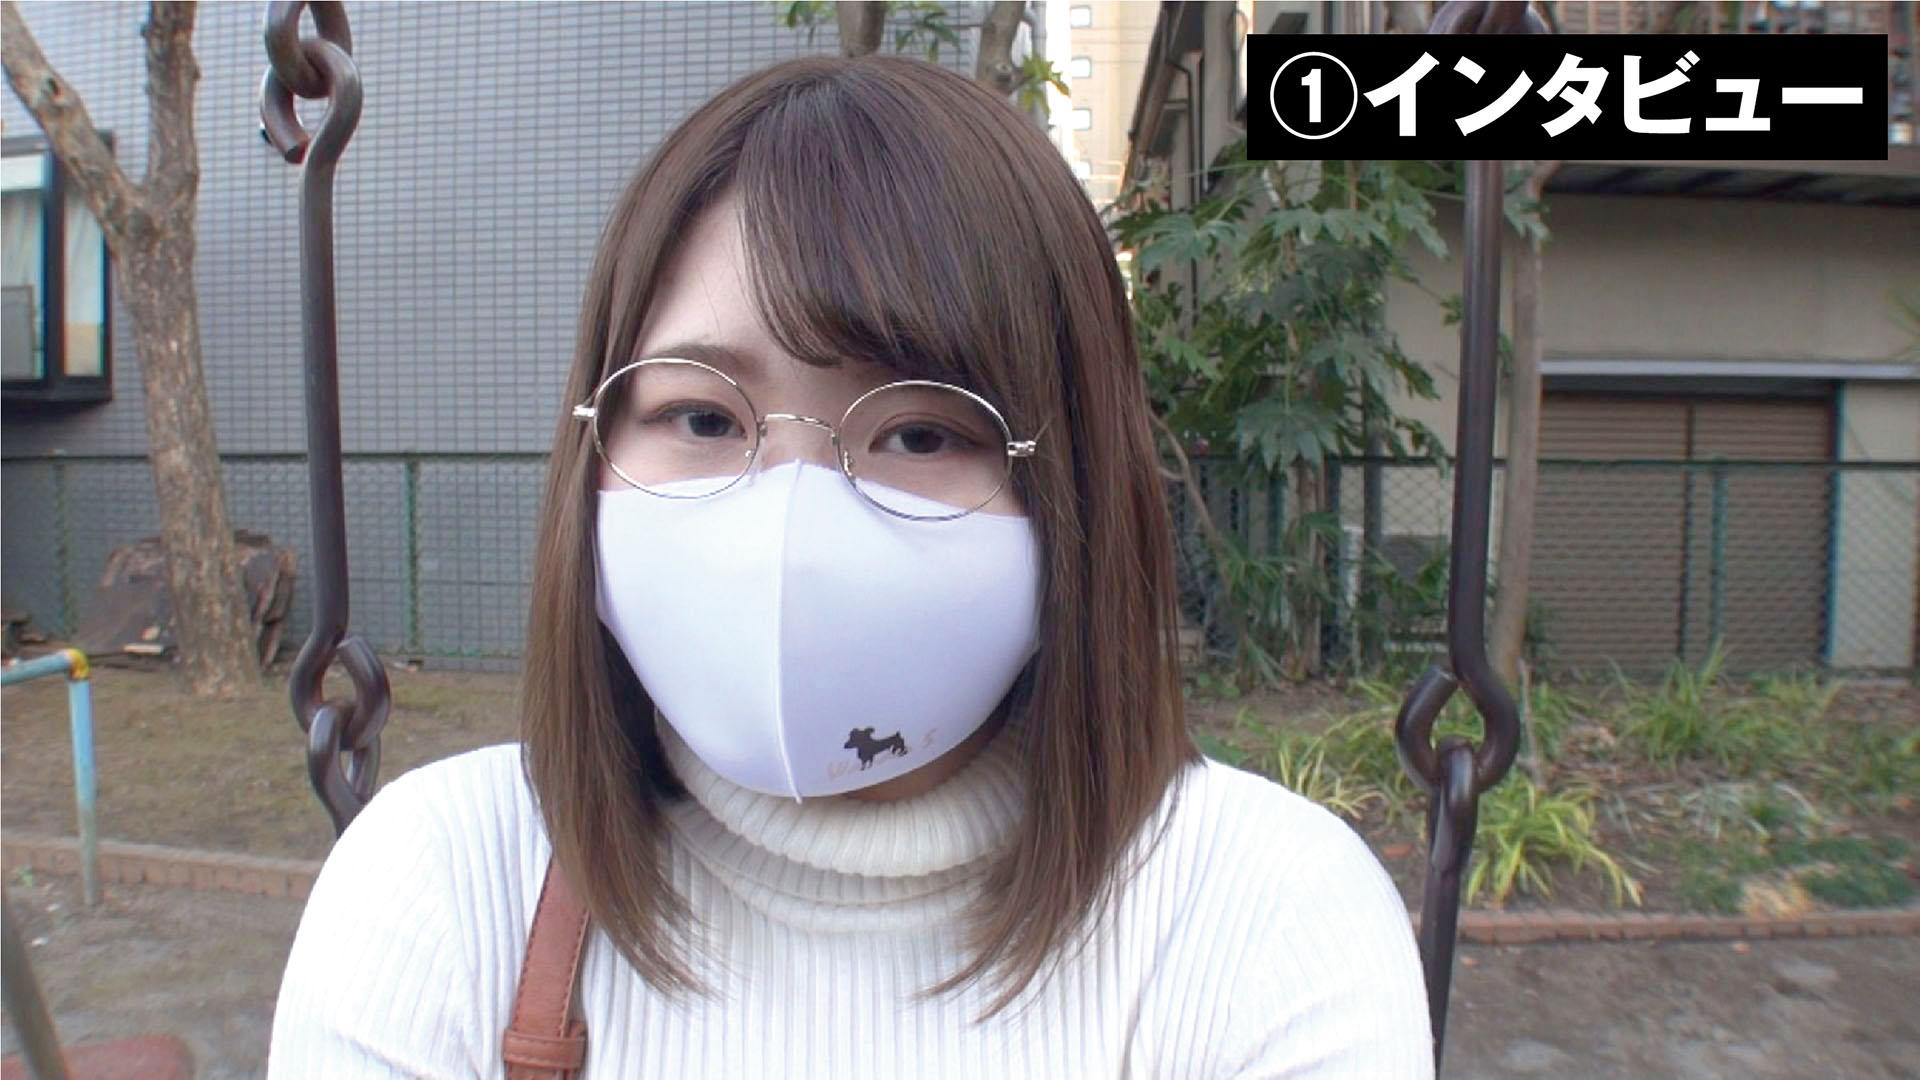 鳥取から上京した地味芋デカ乳女子まり 大学入学日にAVデビューのサンプル画像1